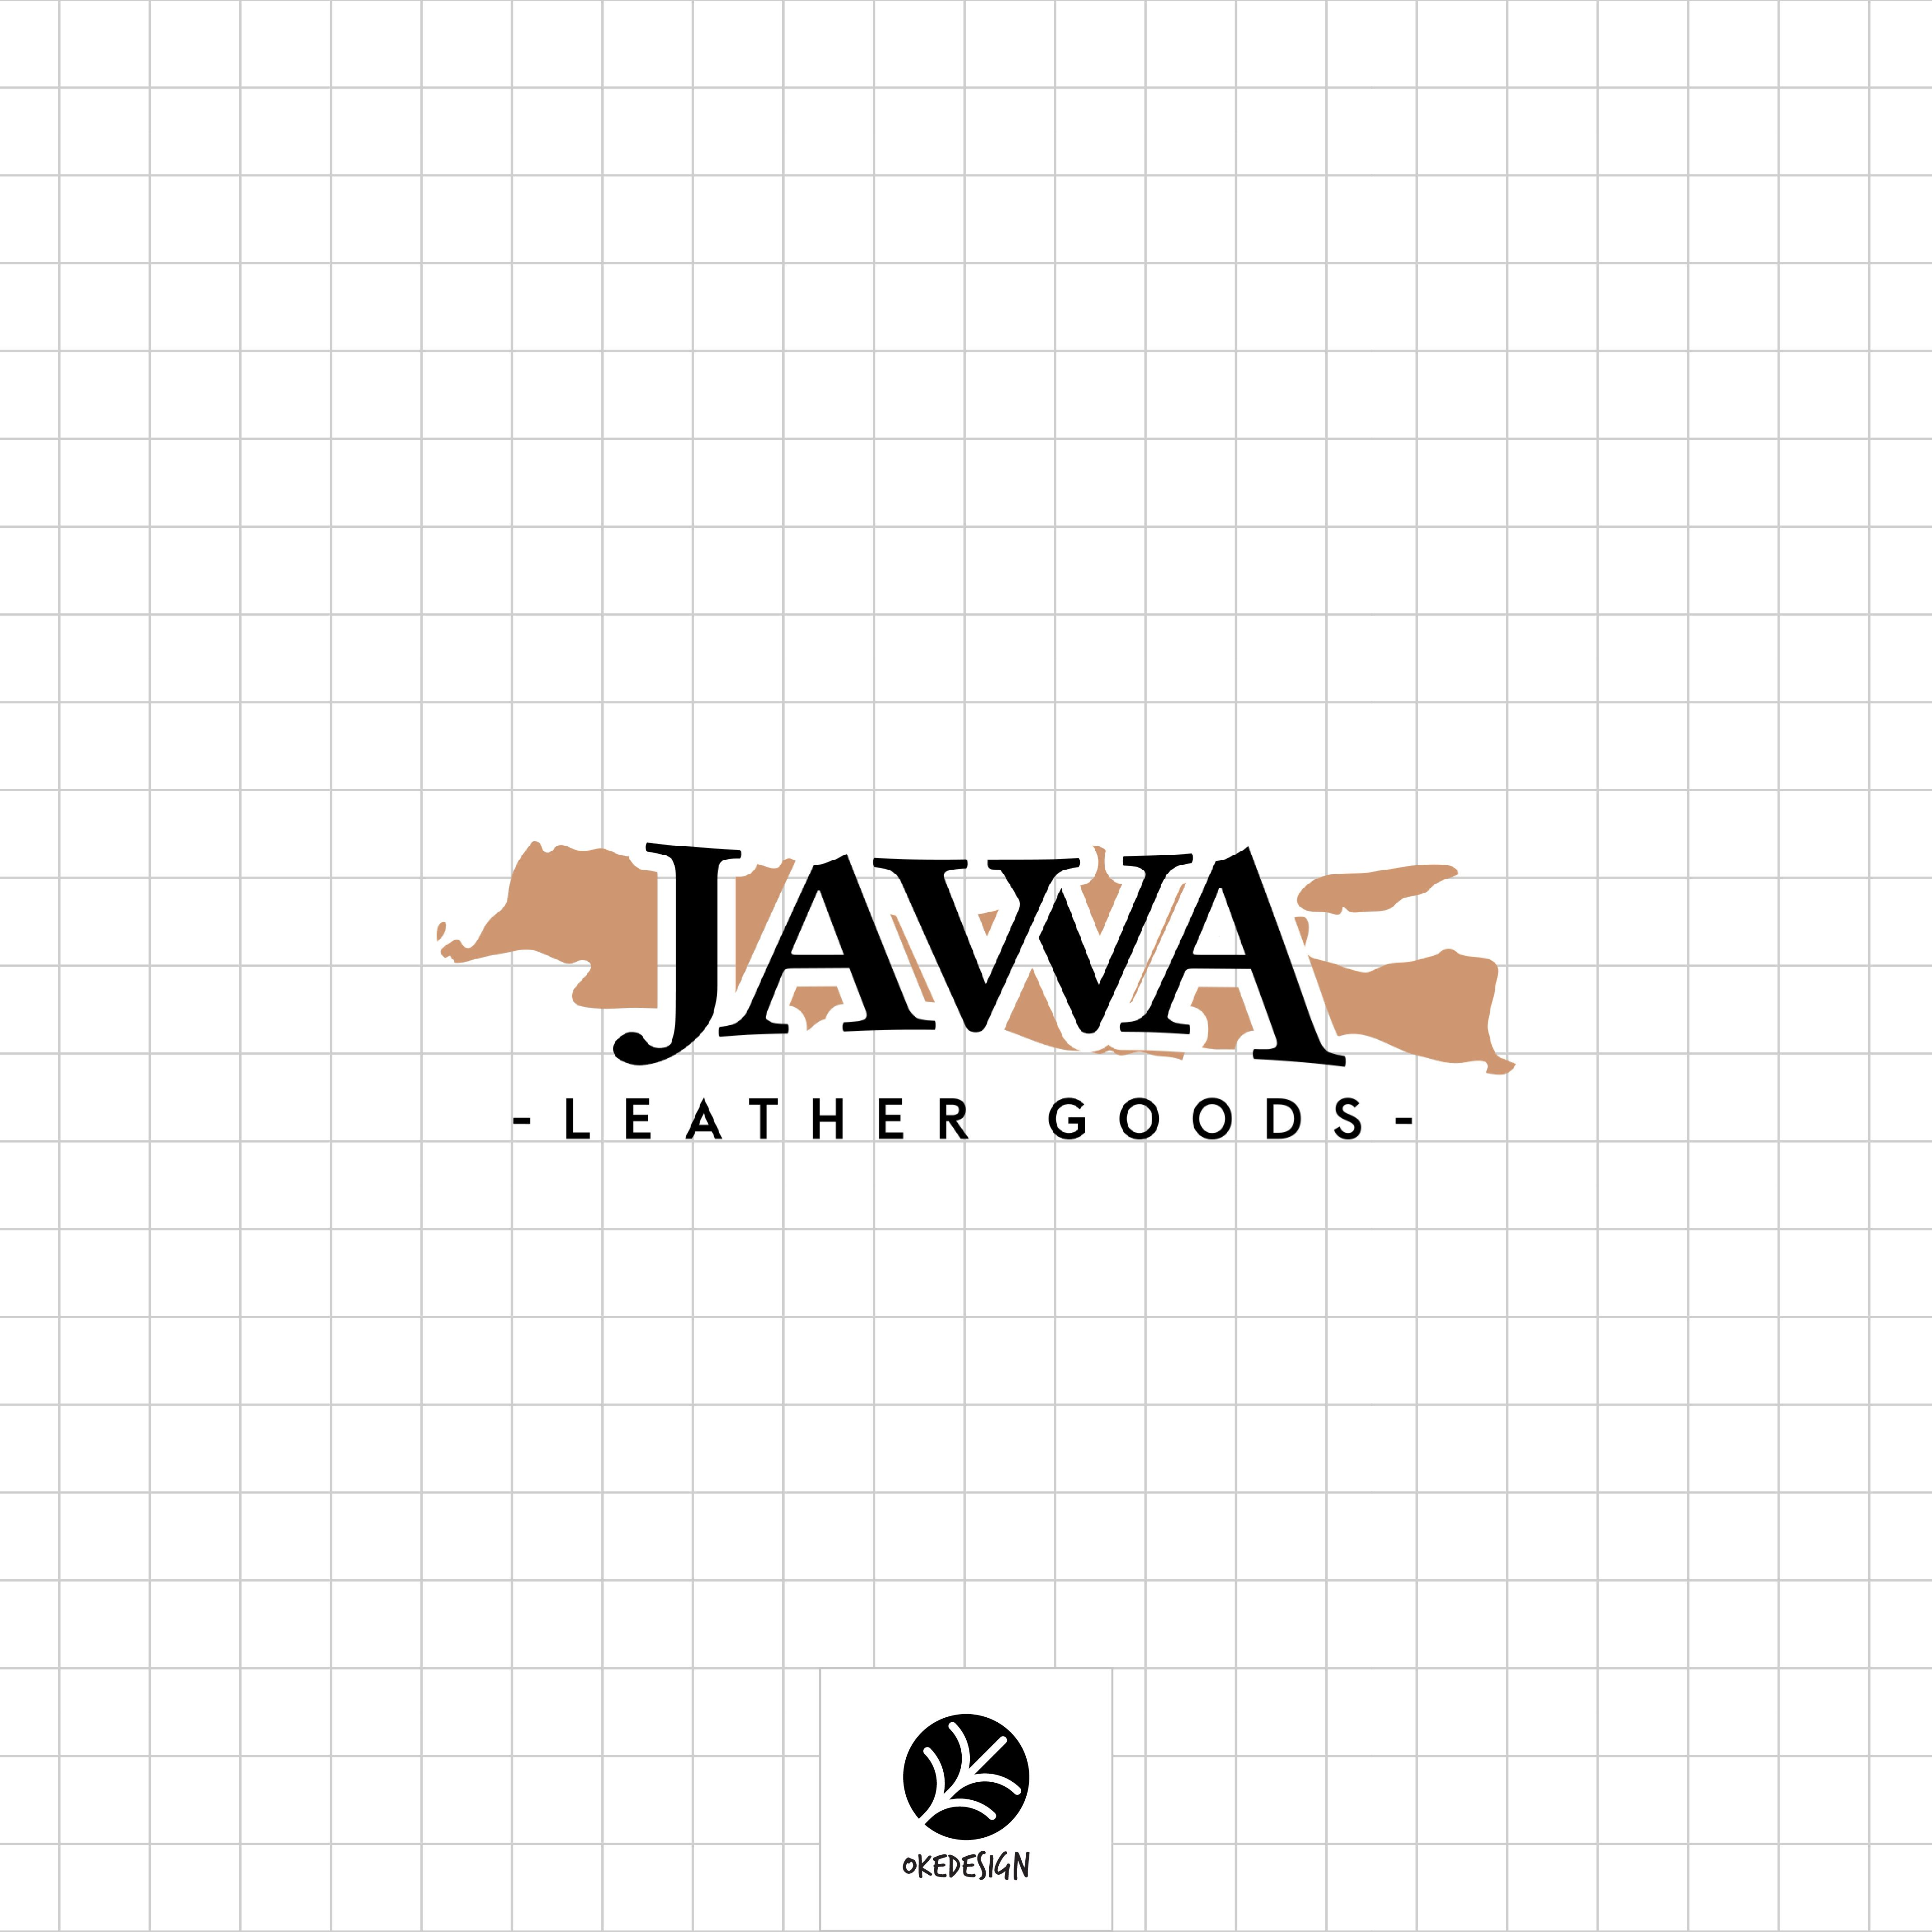 avva Leather Goods logo by OkeDesign. Javva adalah brand